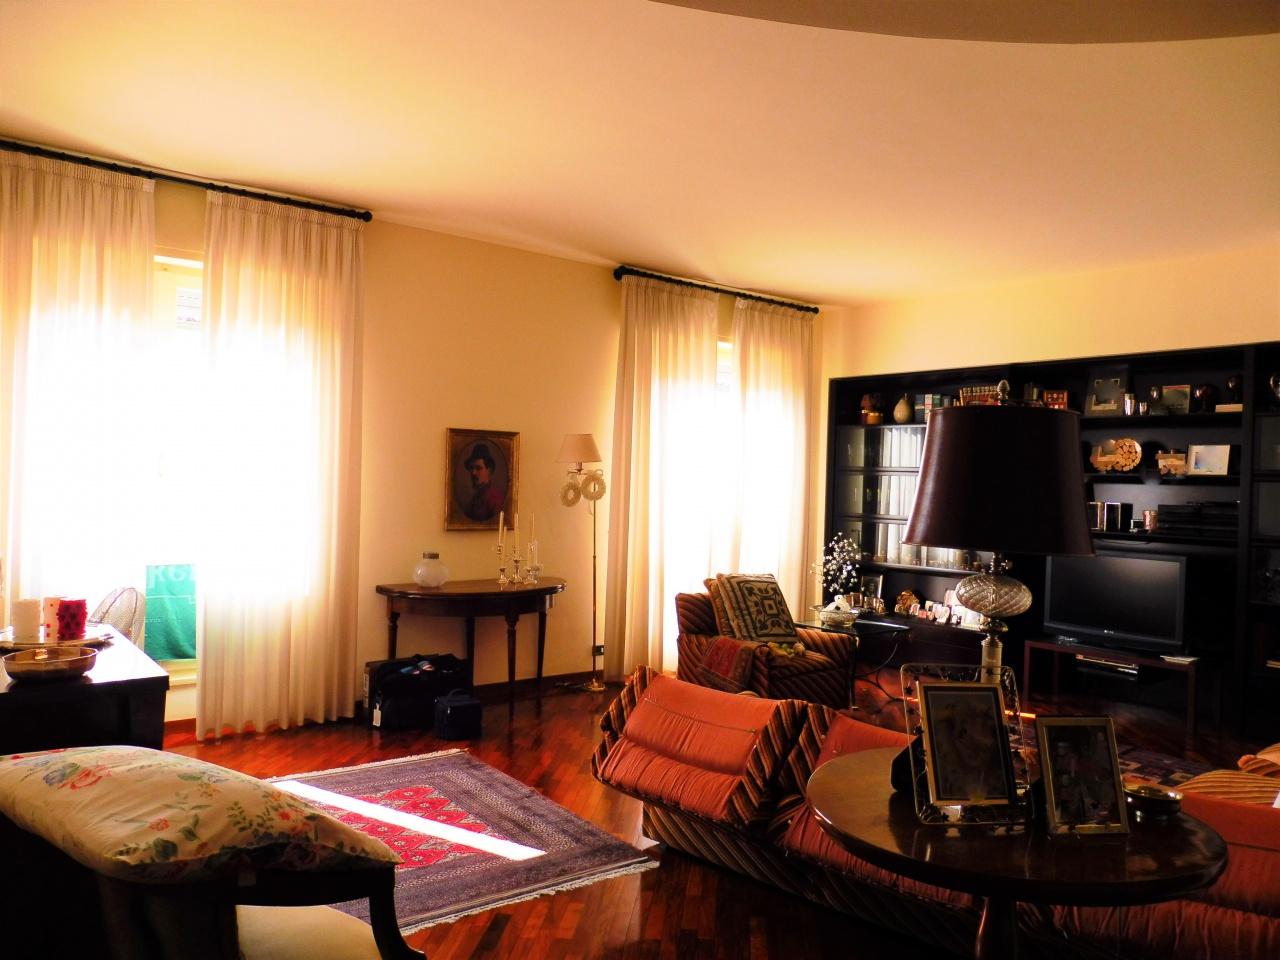 Vendita appartamento Lodi 3 120 M² 240.000 €